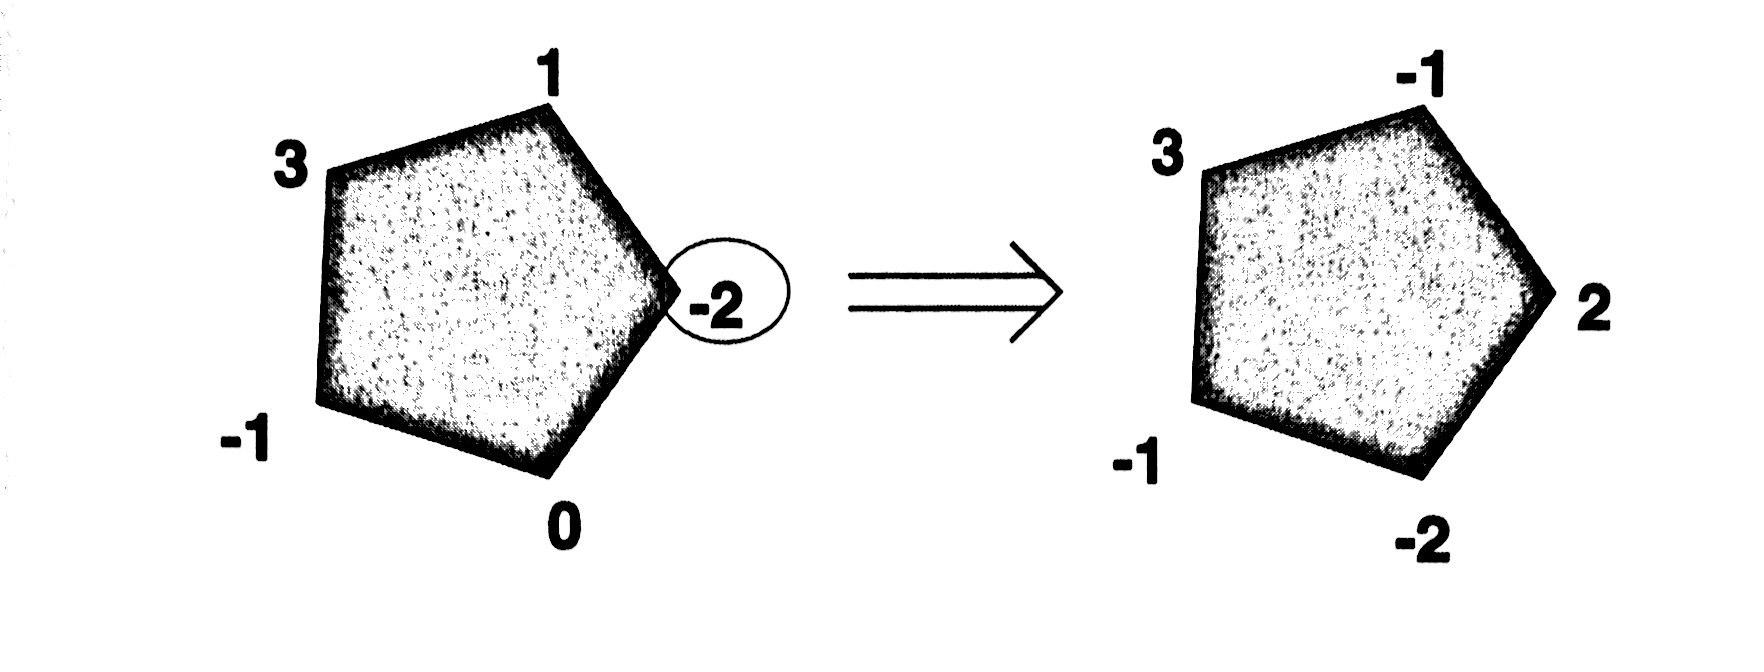 The Pentagon Problem   Matt Baker's Math Blog